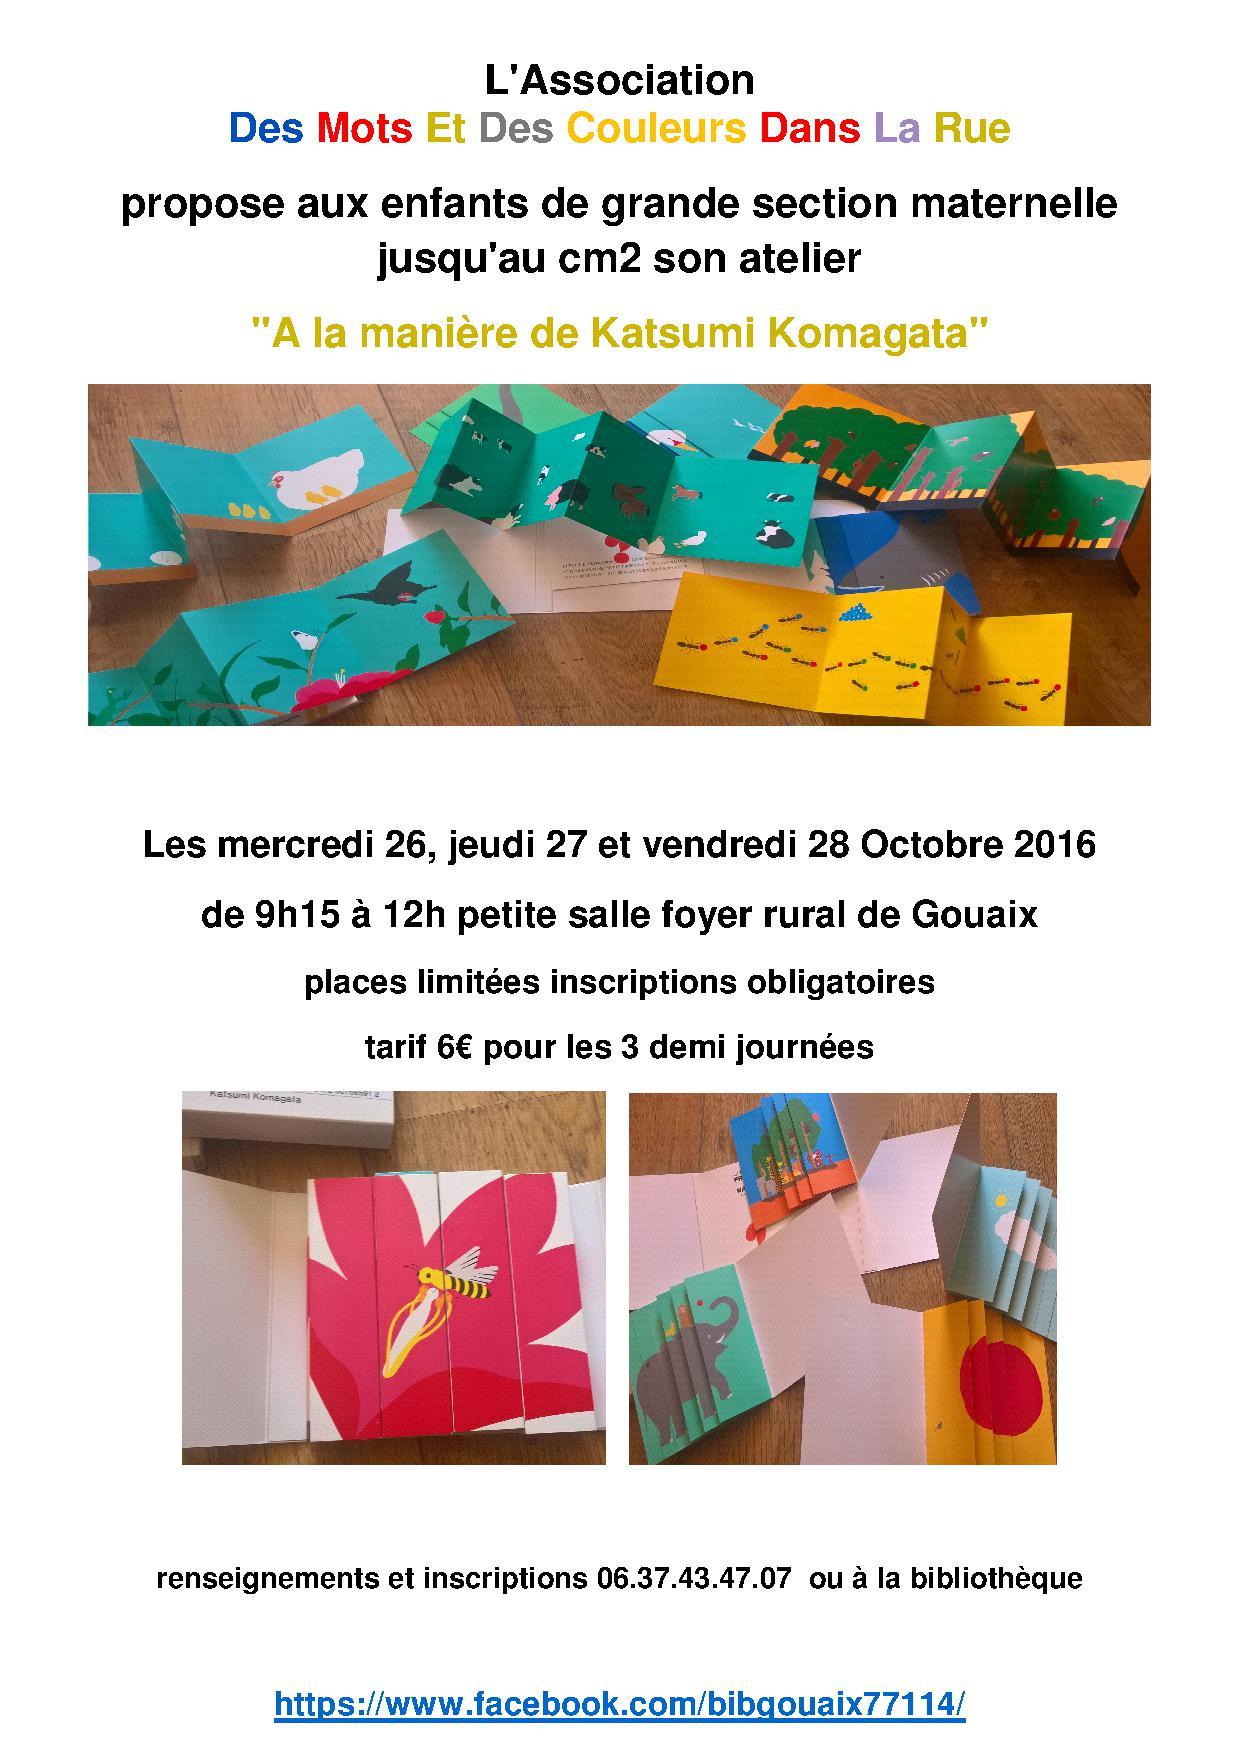 Les ateliers des mots et des couleurs dans la rue !!!